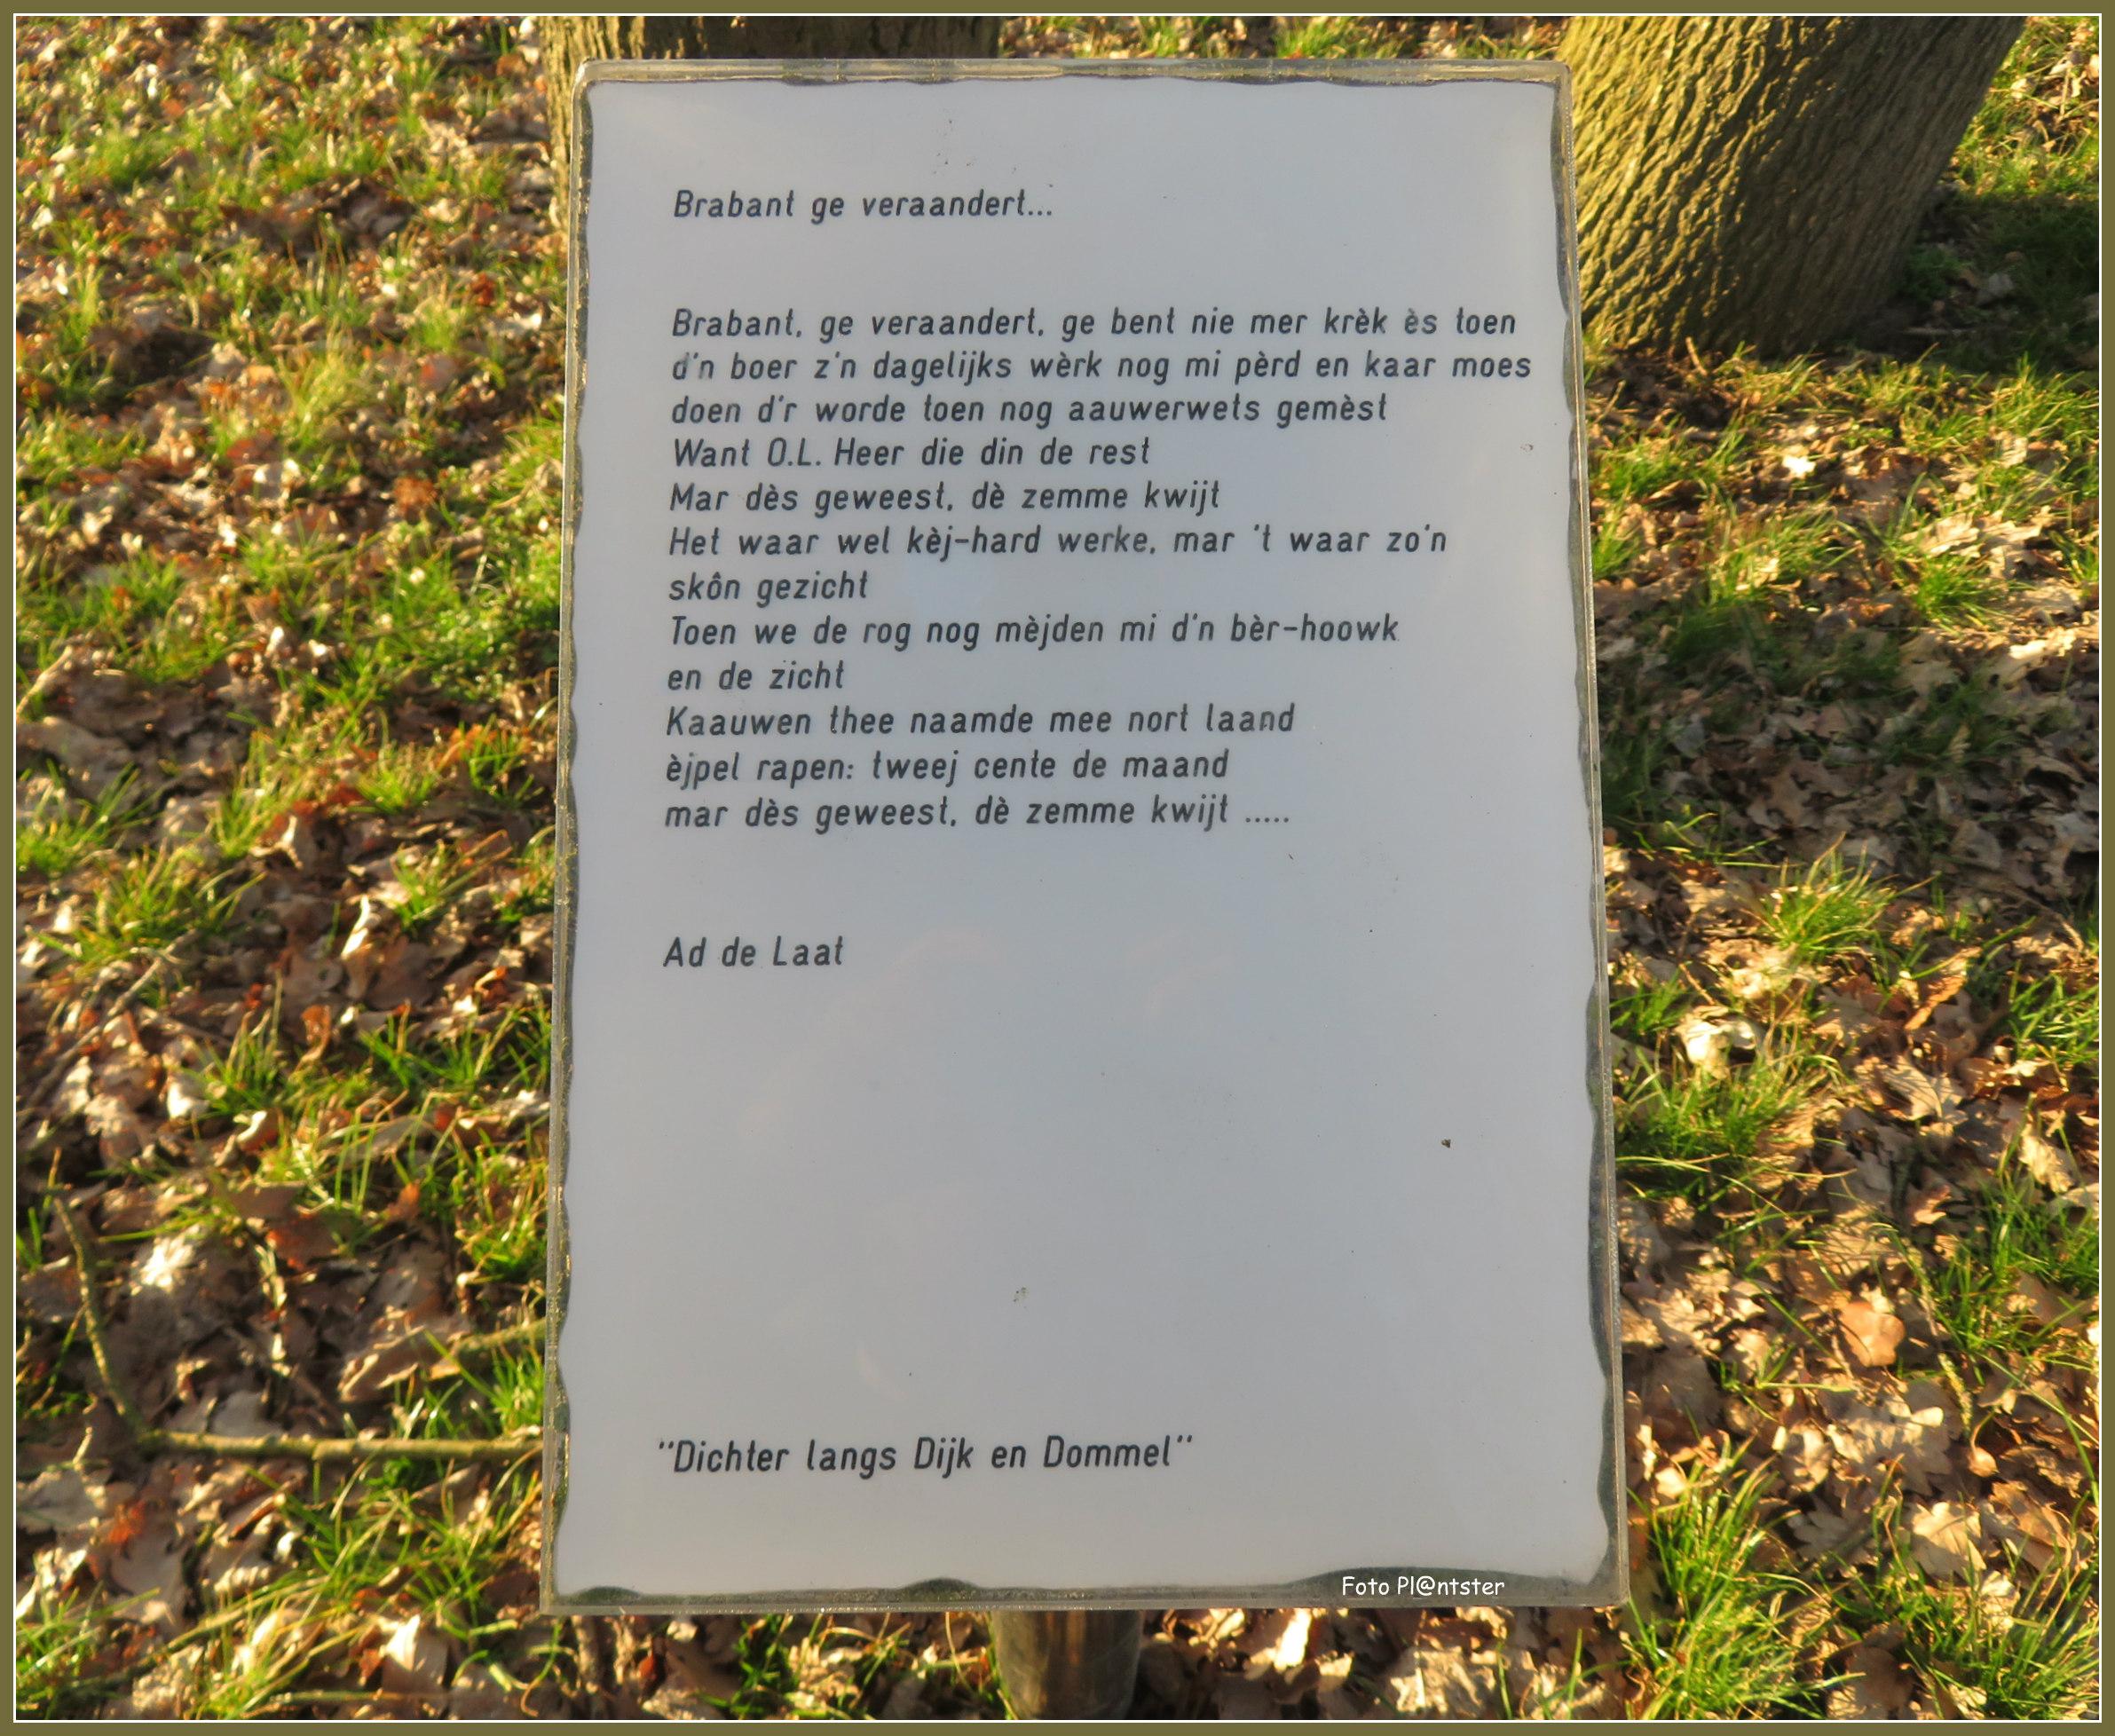 IMG_4909 Brabant